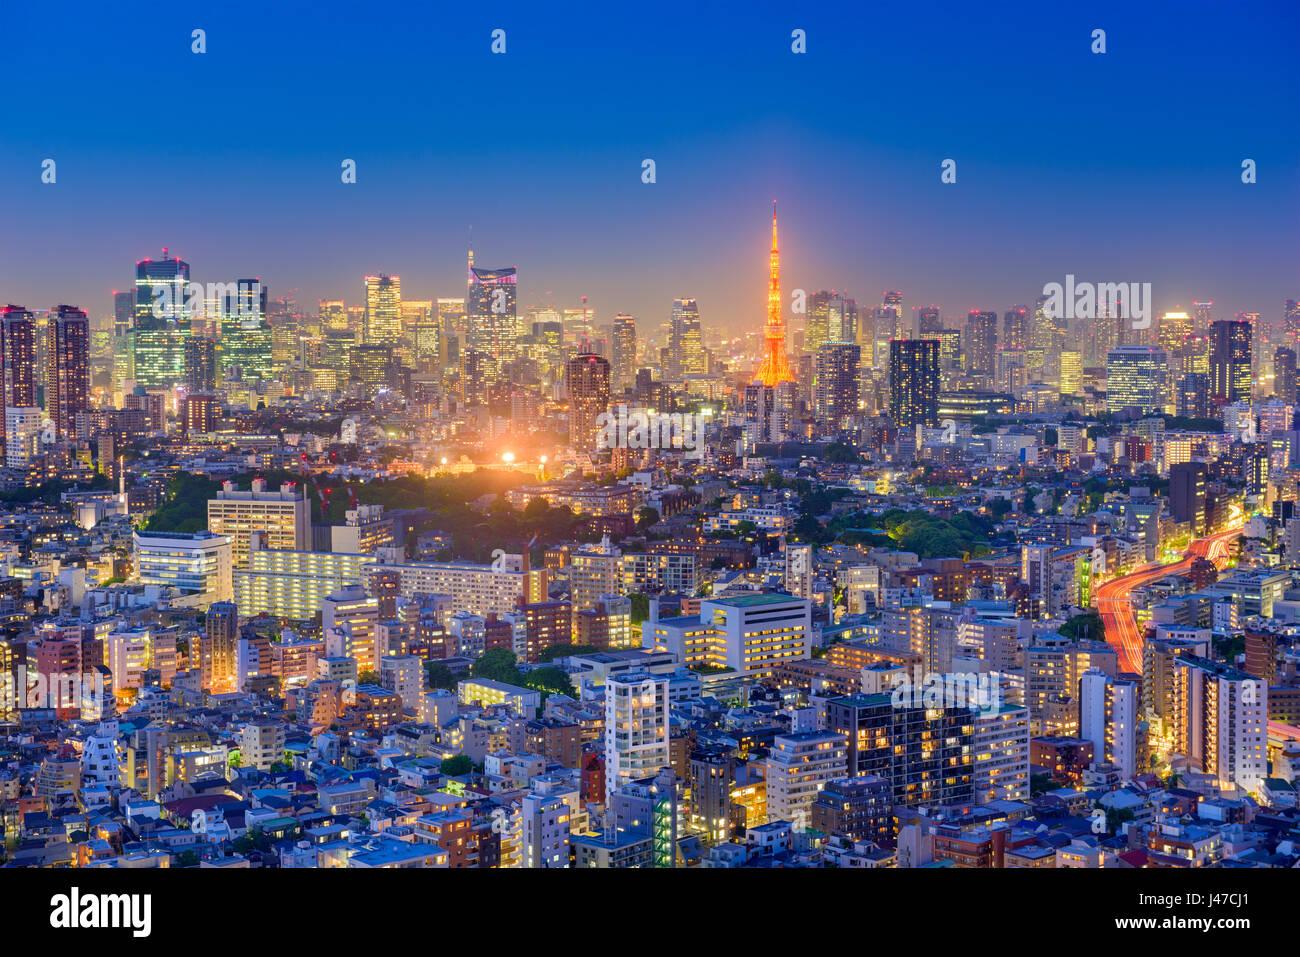 Tokyo, Giappone lo skyline della citta'. Immagini Stock